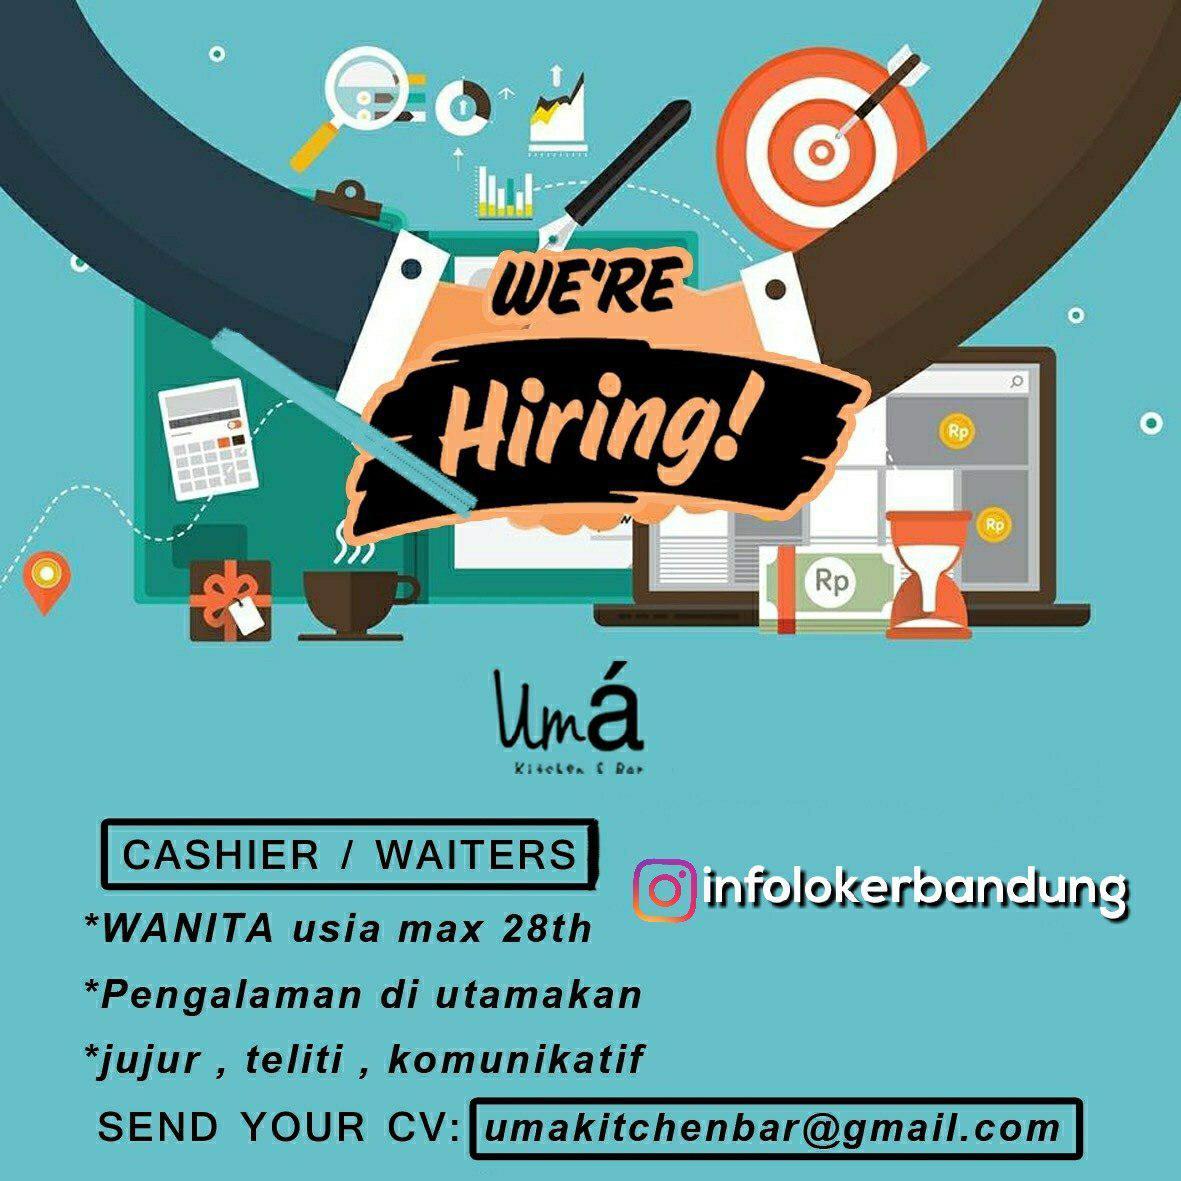 Lowongan Kerja Uma Kitchen & Bar Bandung Oktober 2018